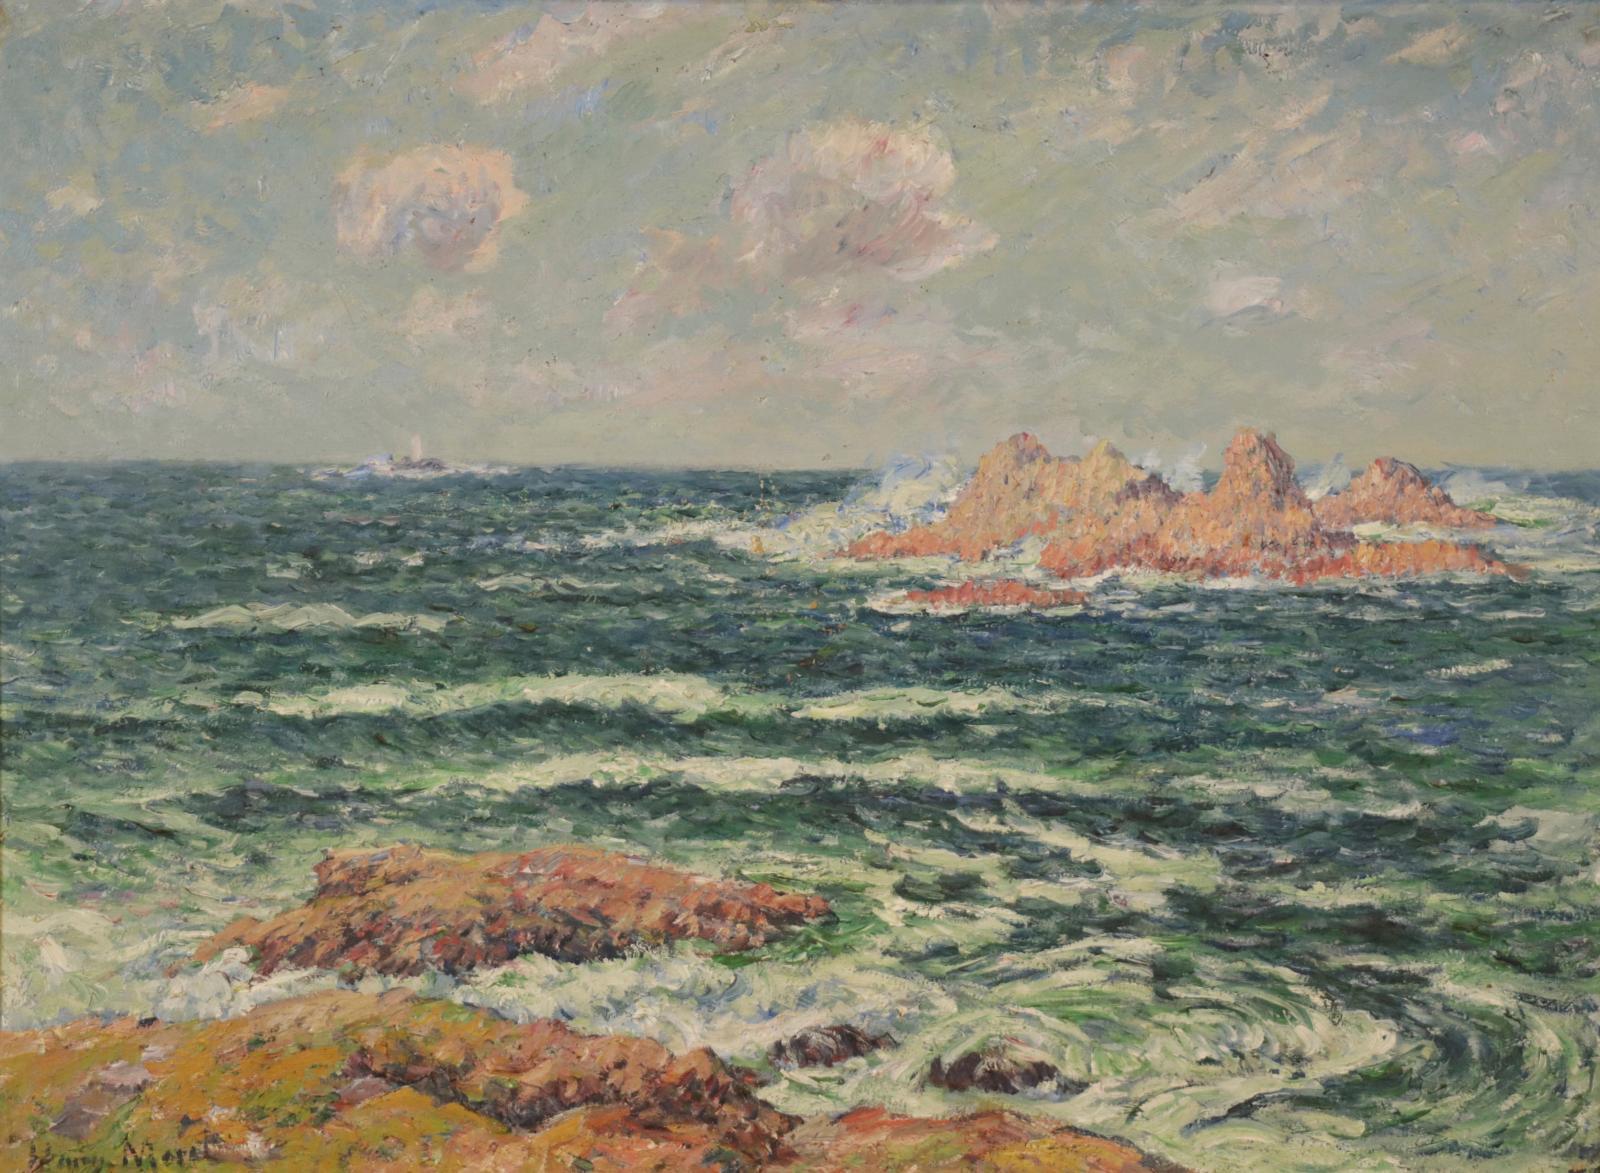 Incontournable en Bretagne, le peintre Henry Moret (1856-1913) sera présent lors de cette vente au travers de deux paysages maritimes, cet